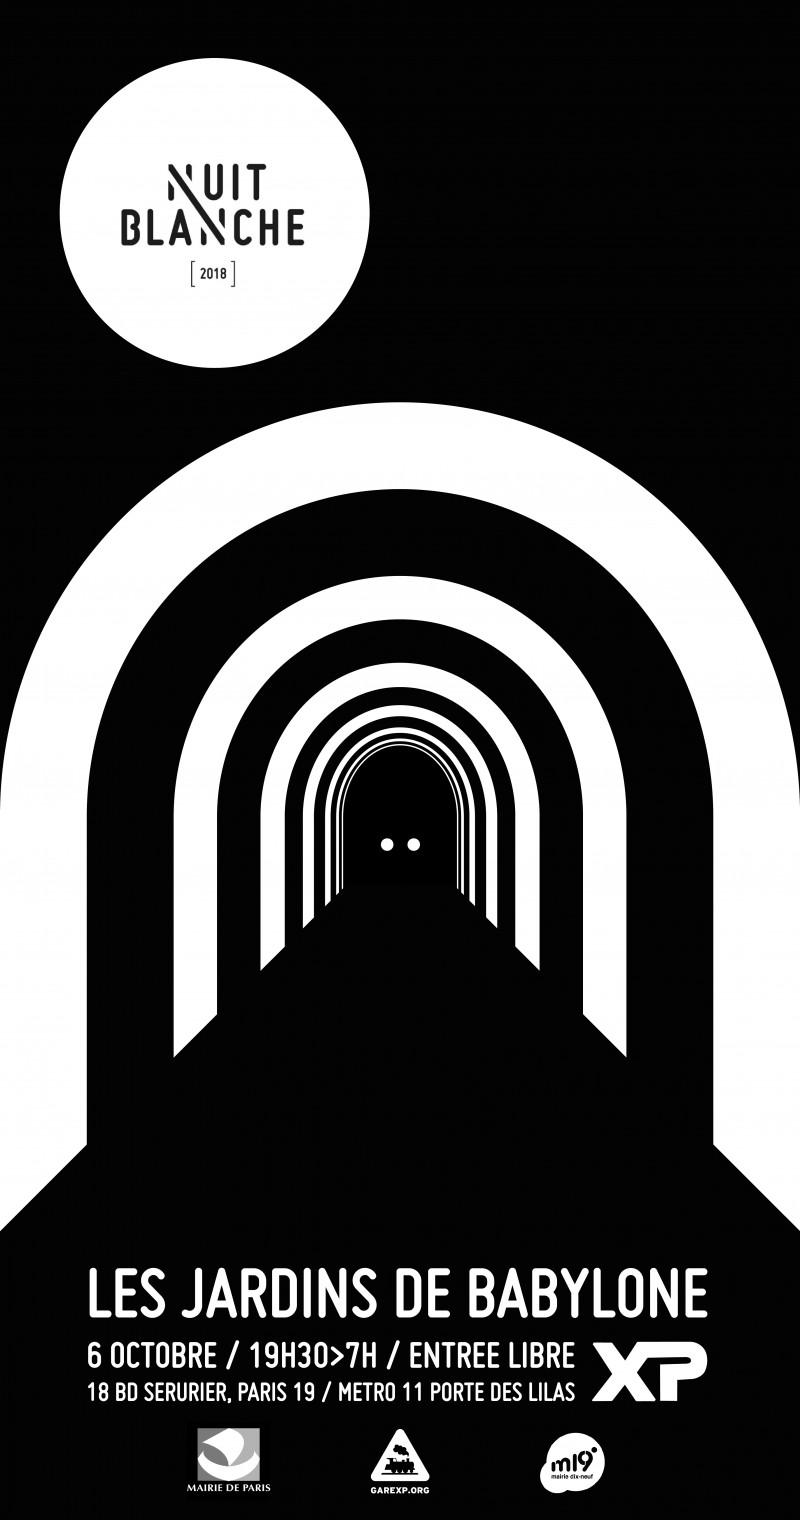 affiche-nuit-blanche-2018-gare-xp-6d5670486ed7fd0840cbf91619d8c2b0